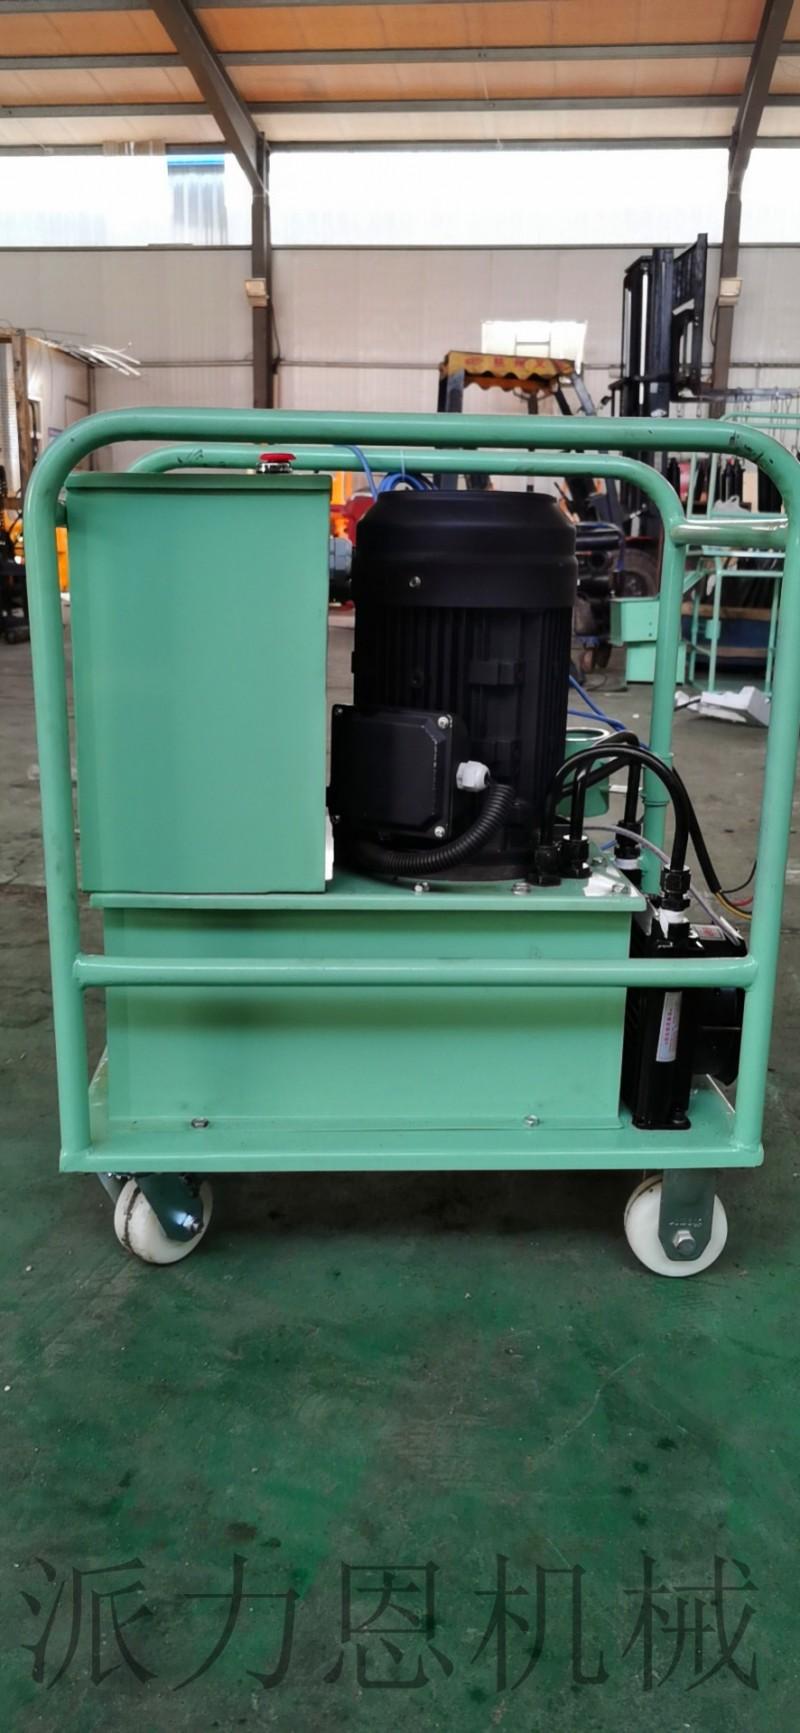 液压环槽铆钉机16型20型振动筛专用铆钉机厂家直销